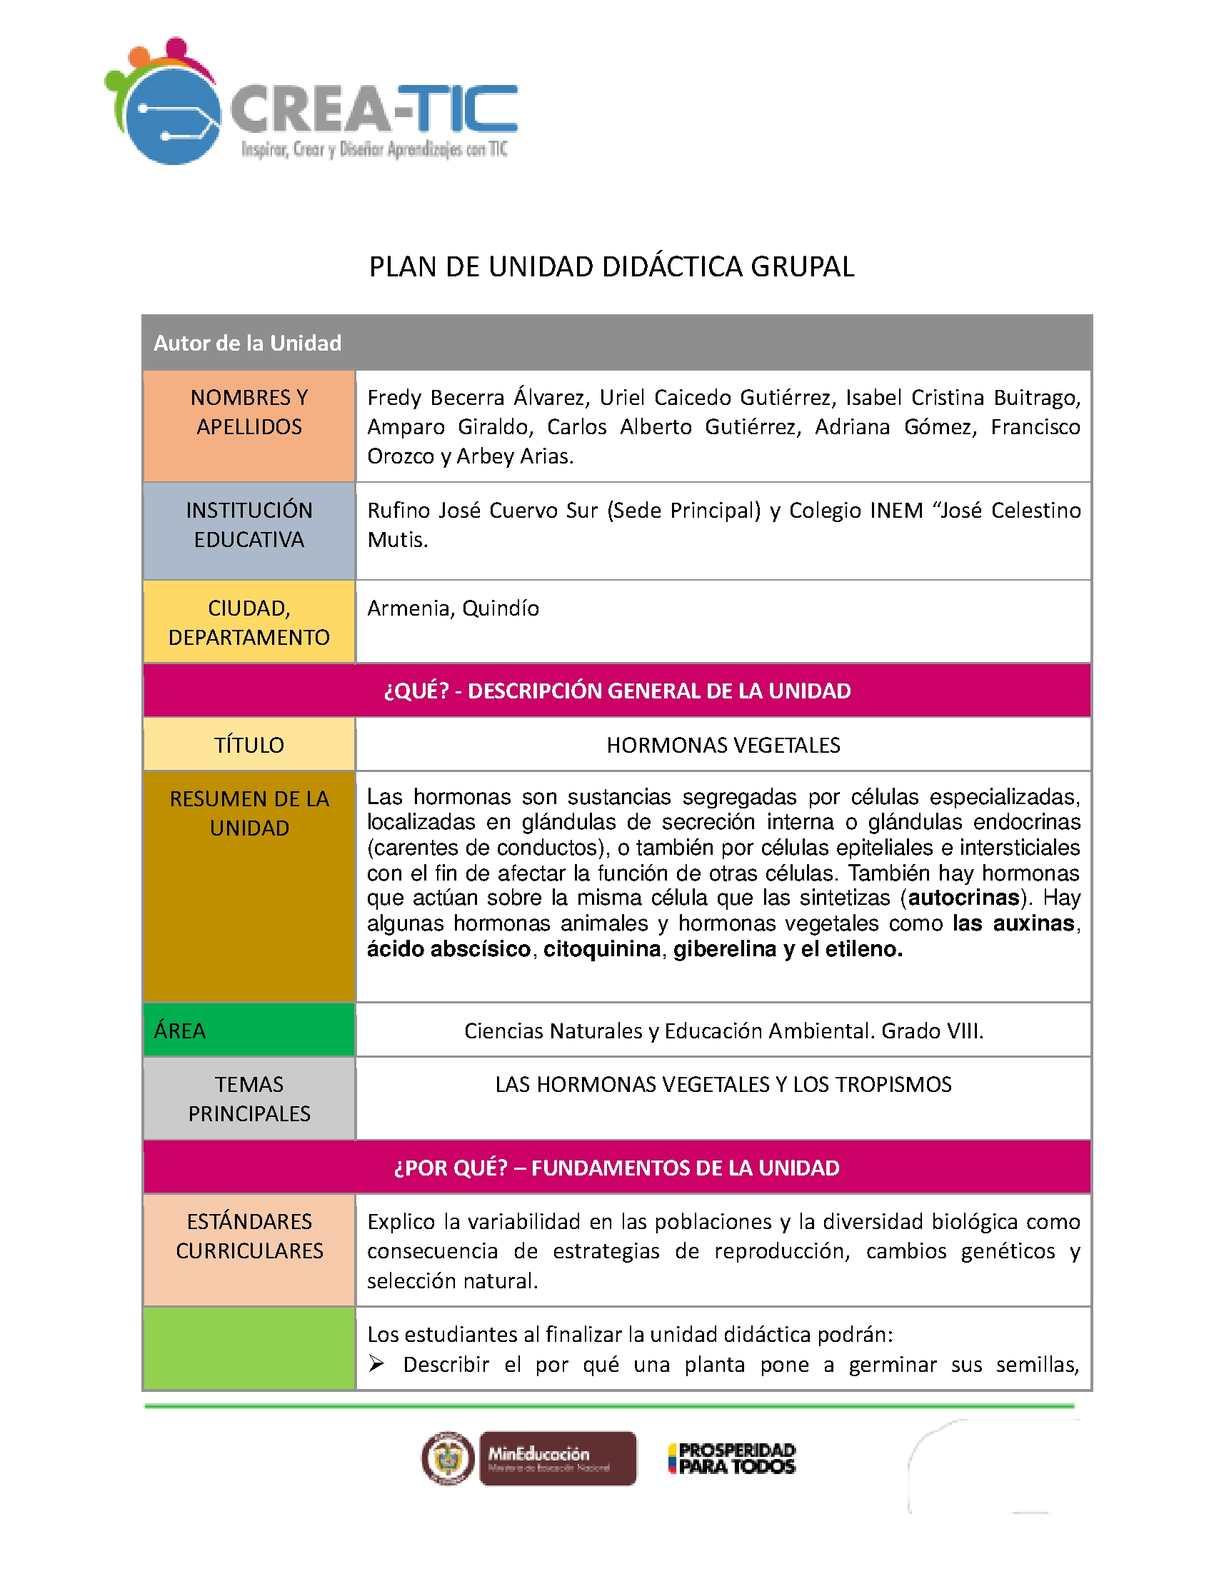 Calaméo - Plantilla Unidad Didáctica Grupal